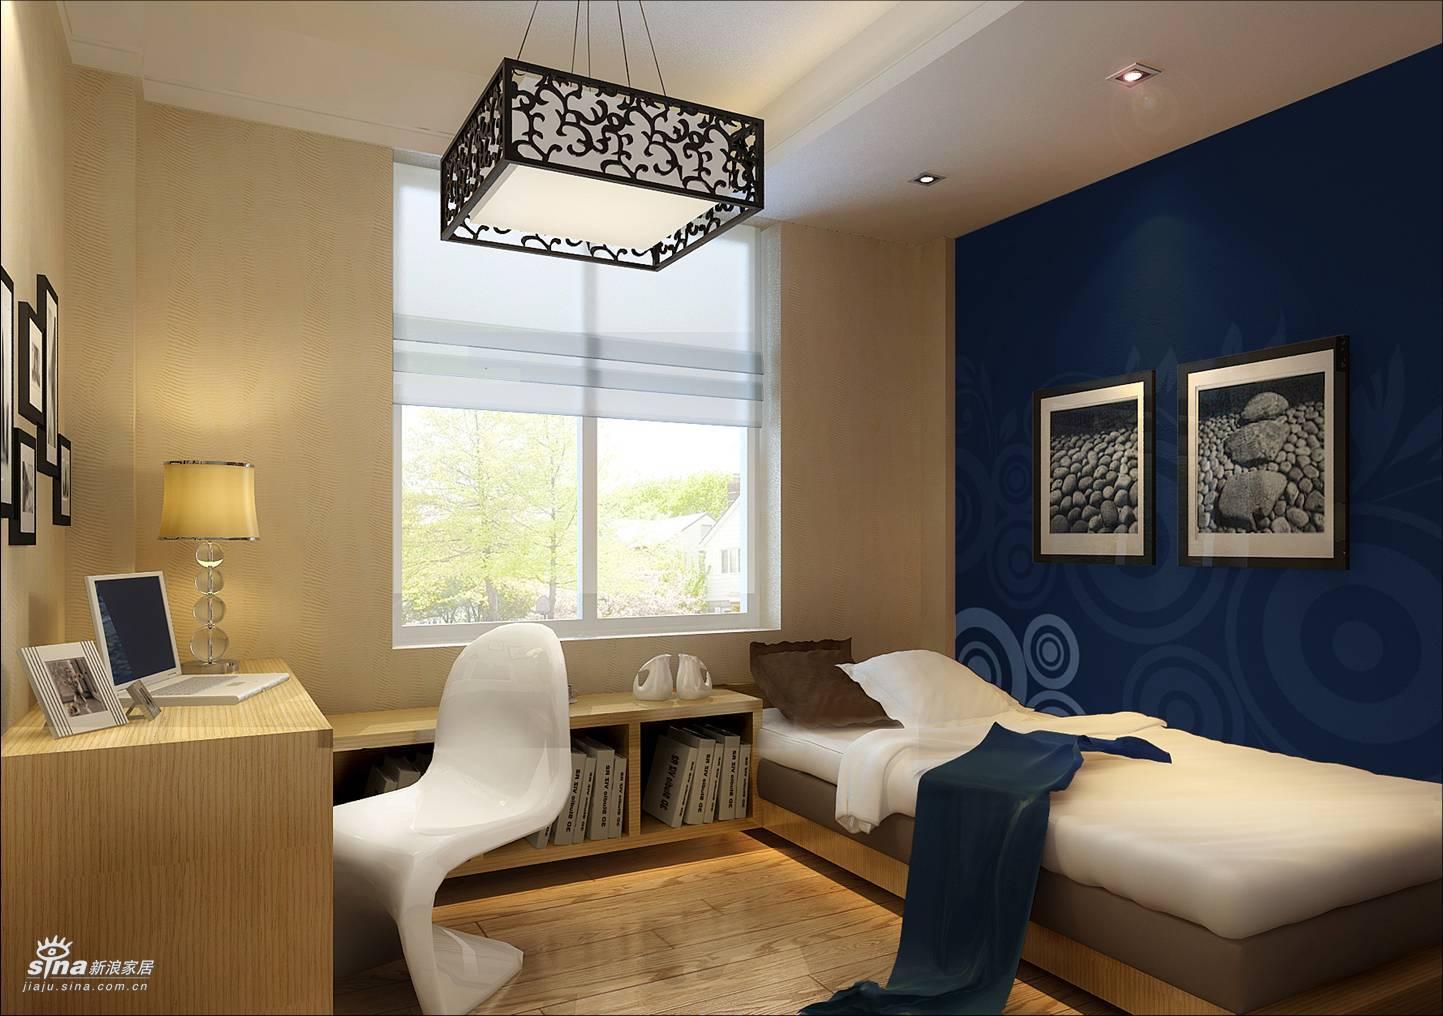 其他 二居 卧室图片来自用户2558746857在时尚新贵38的分享